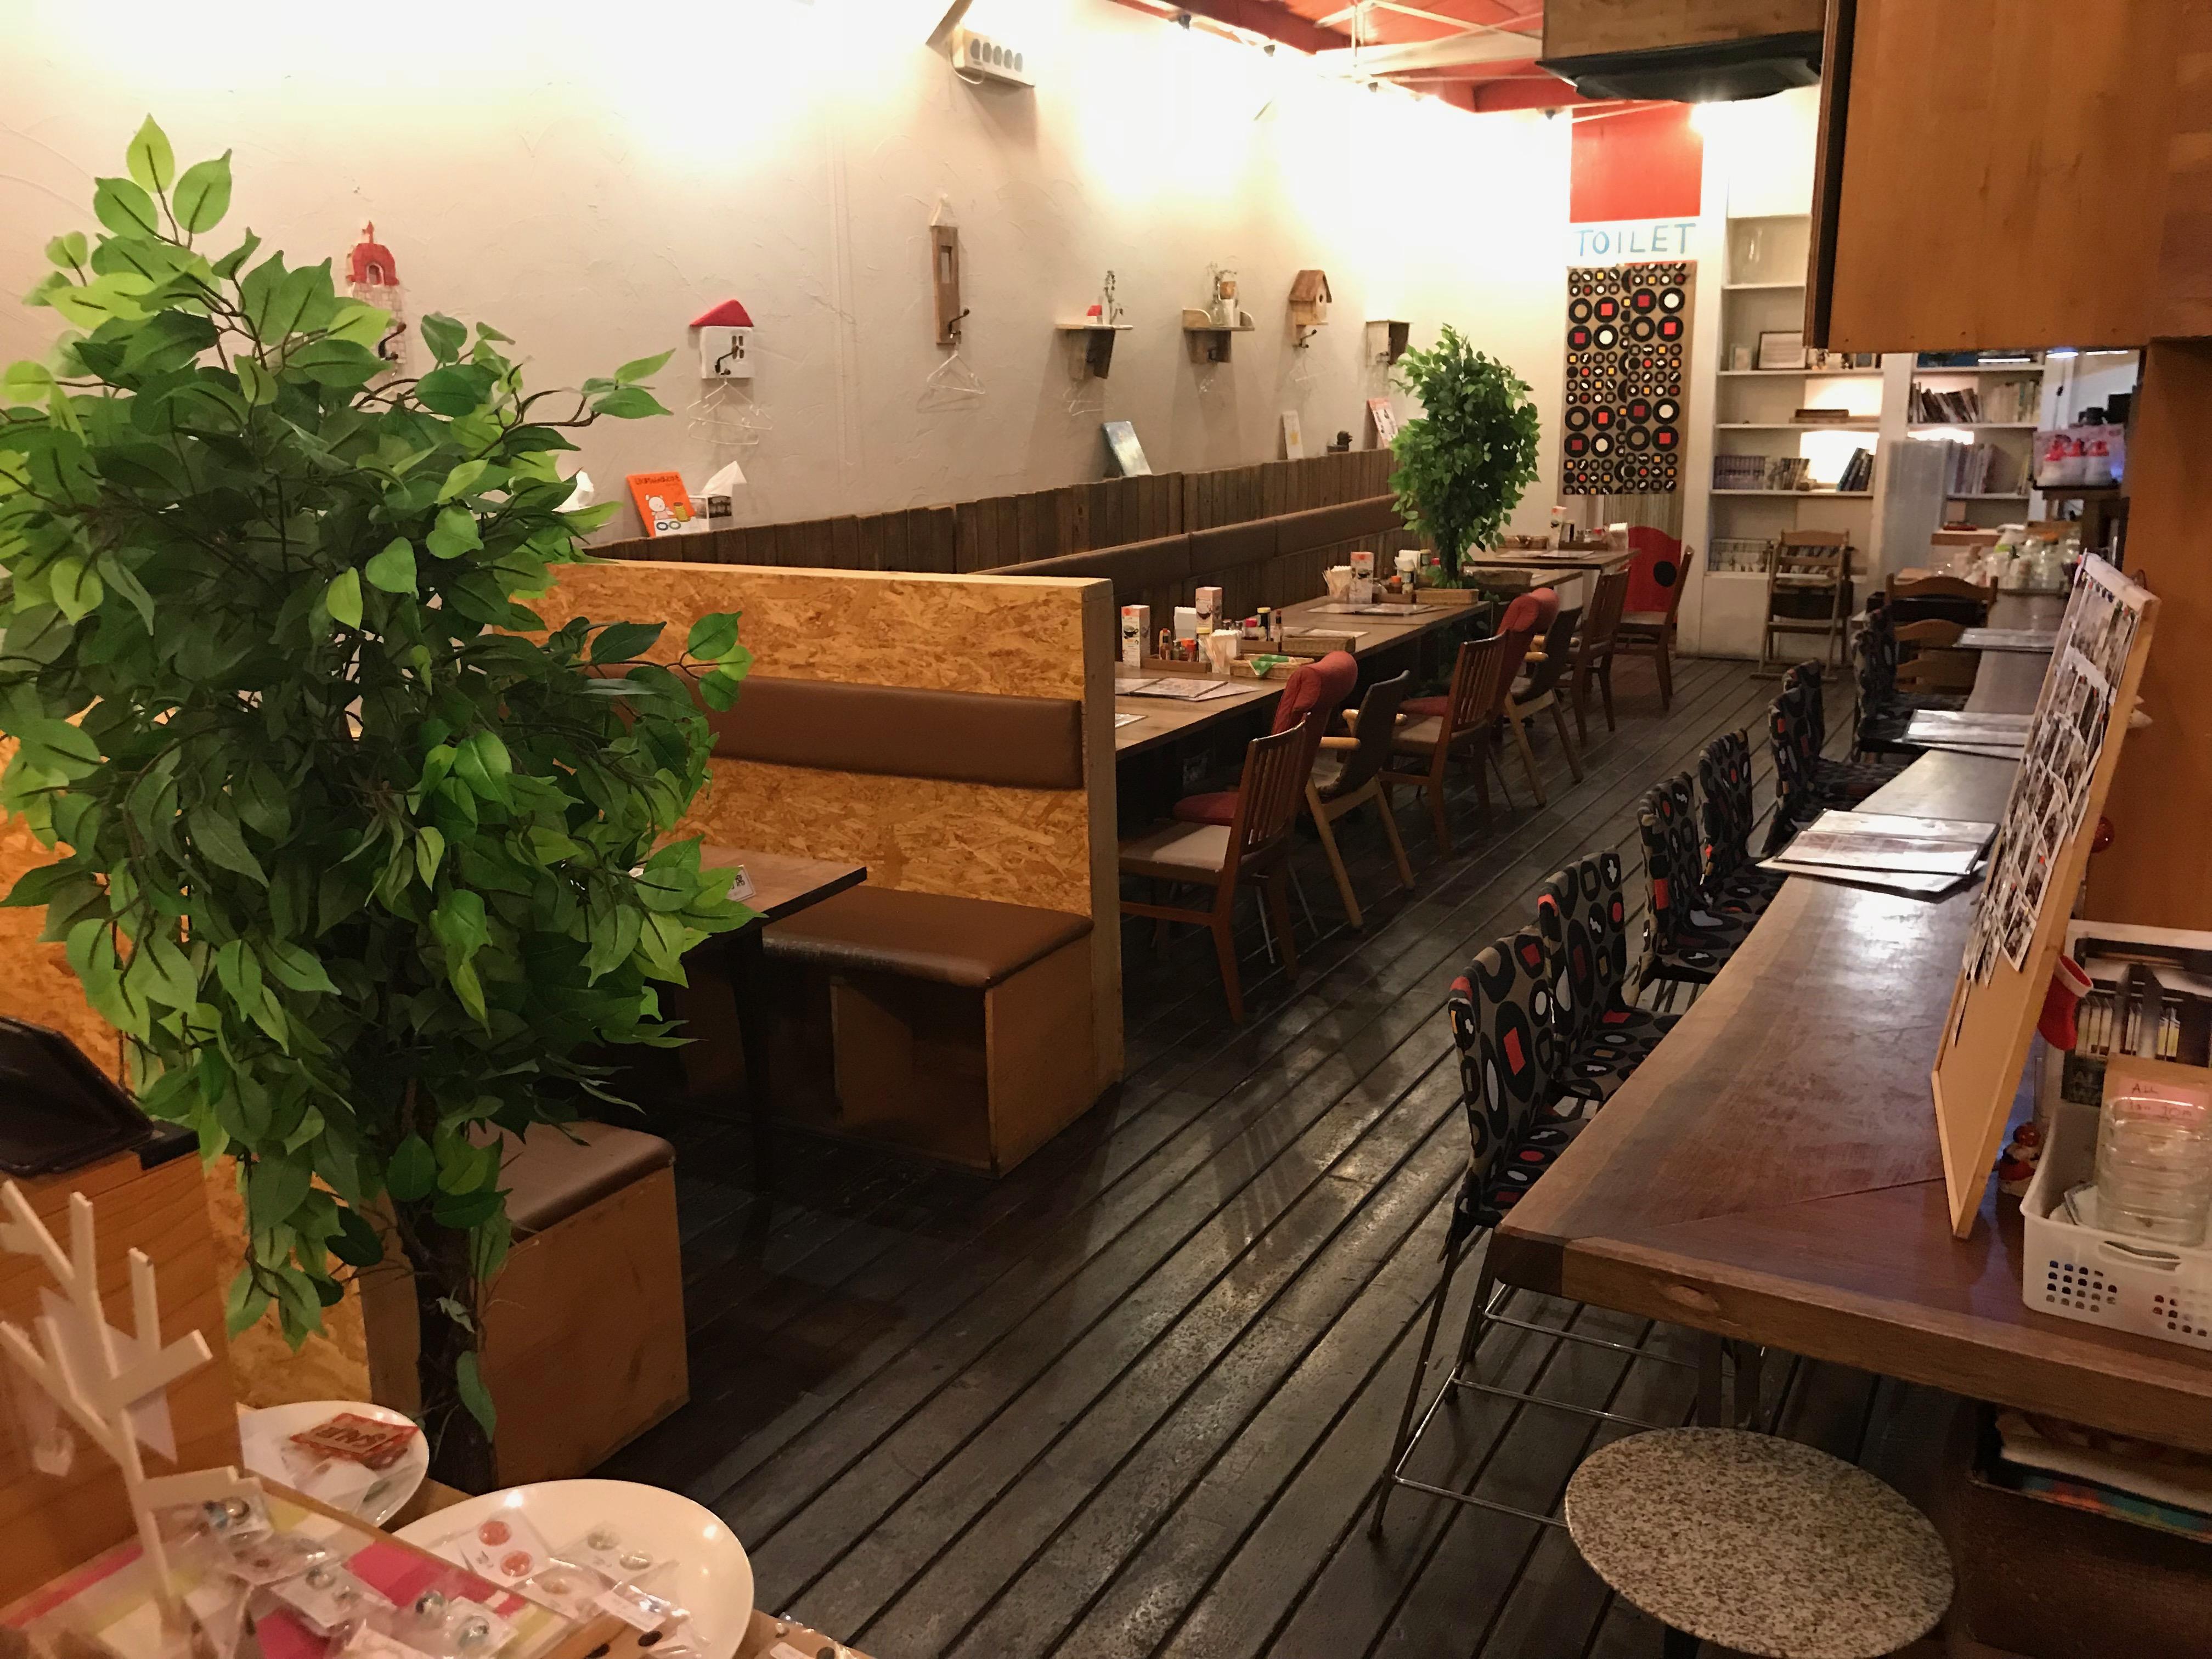 安城市のおすすめカフェ|朝から夜までモーニングもランチも出来る店